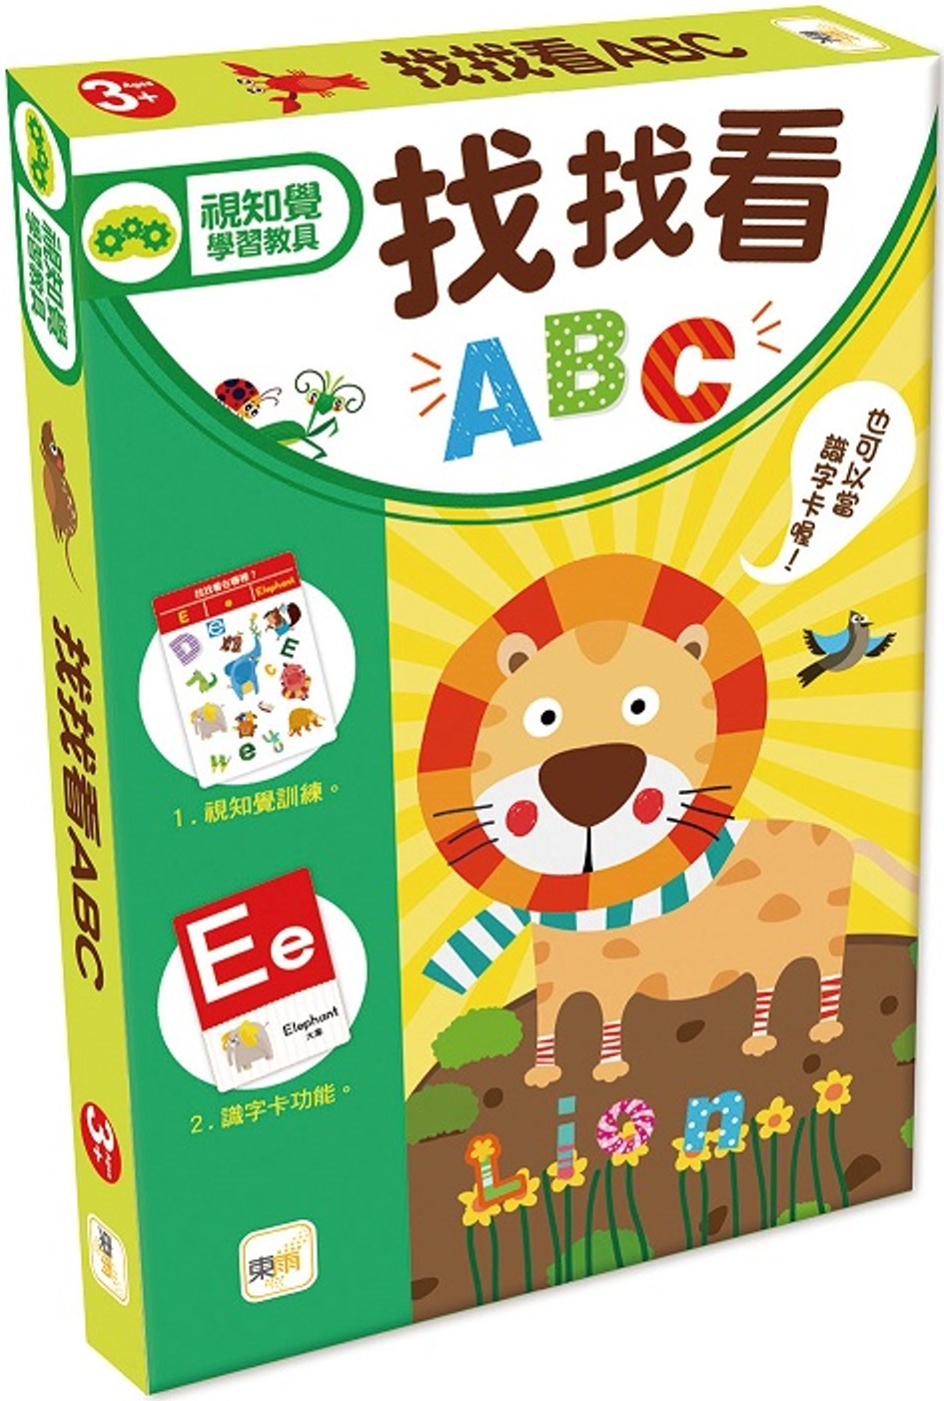 兒童益智教具 找找看ABC (附加識字卡功能)